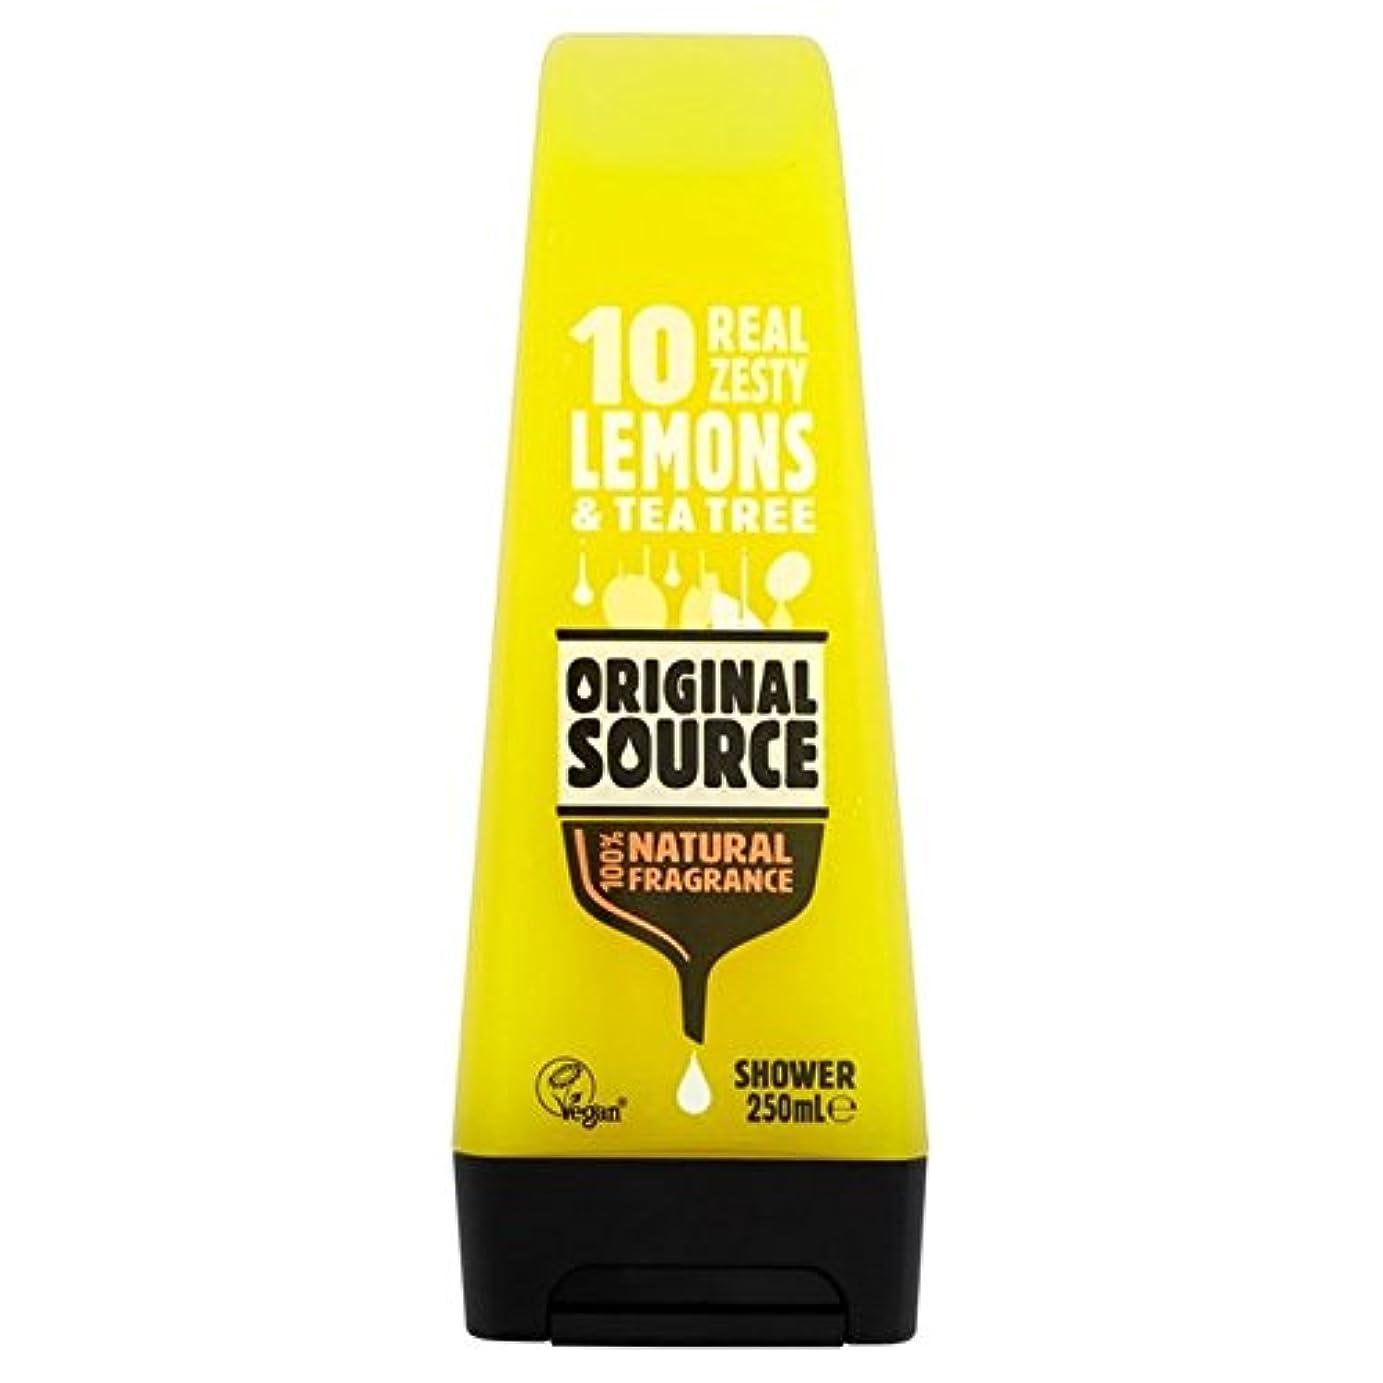 然とした見出しおもしろいOriginal Source Lemon Shower Gel 250ml (Pack of 6) - 元のソースのレモンシャワージェル250ミリリットル x6 [並行輸入品]